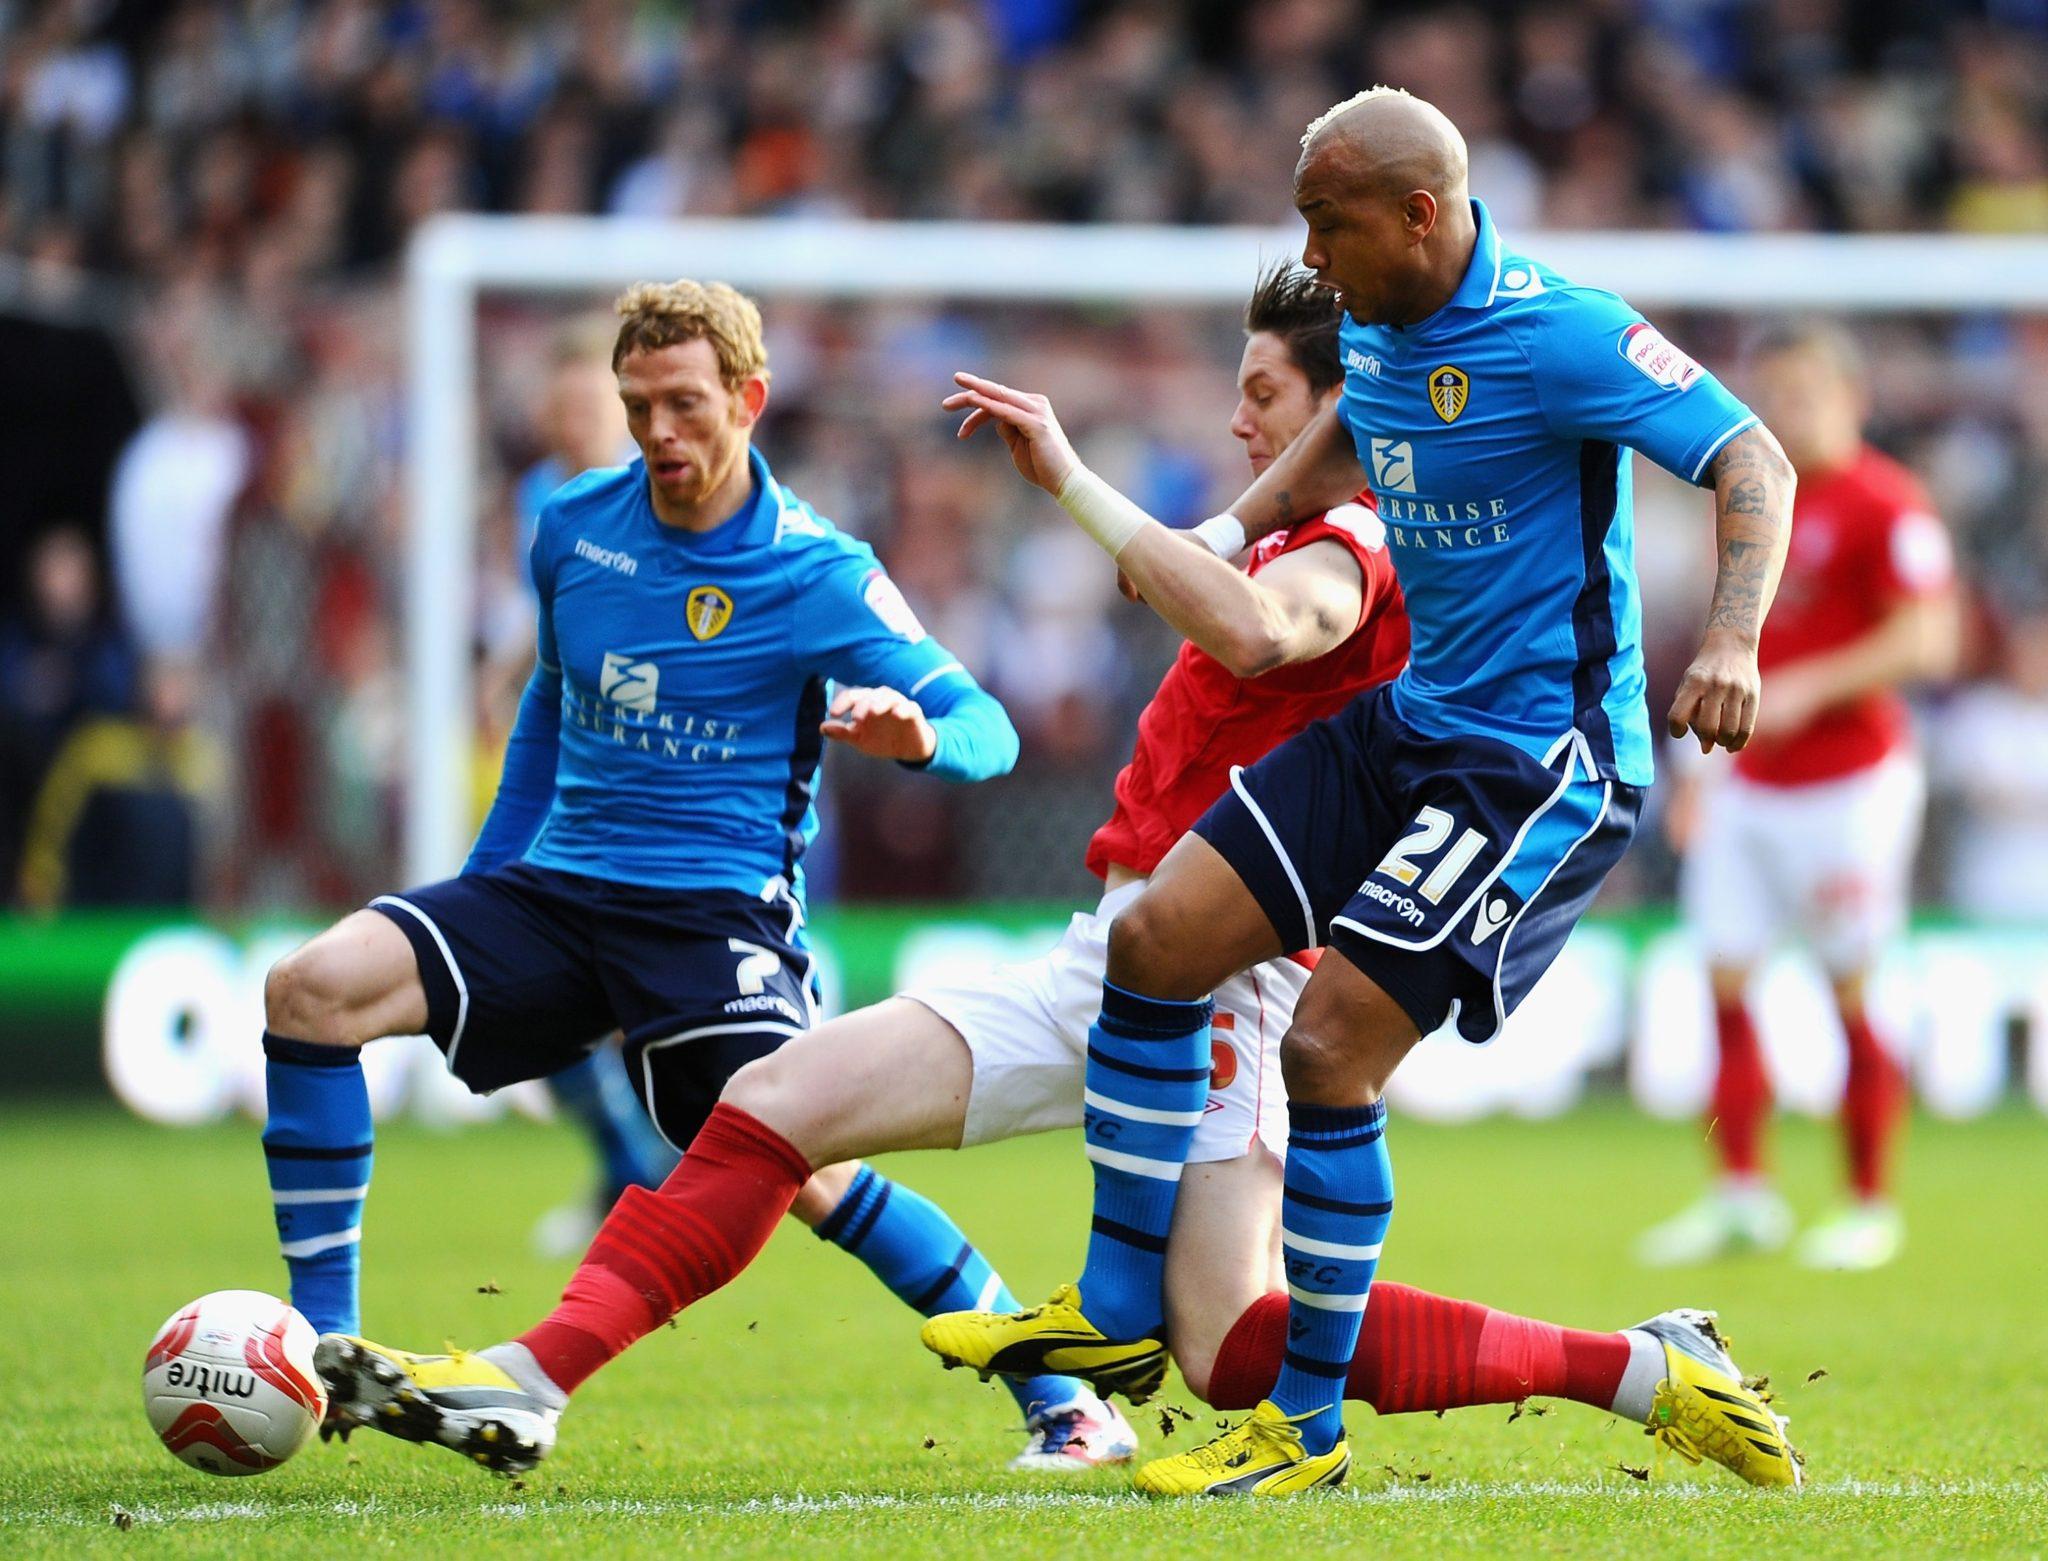 Una imagen del Leeds de la temporada pasada.